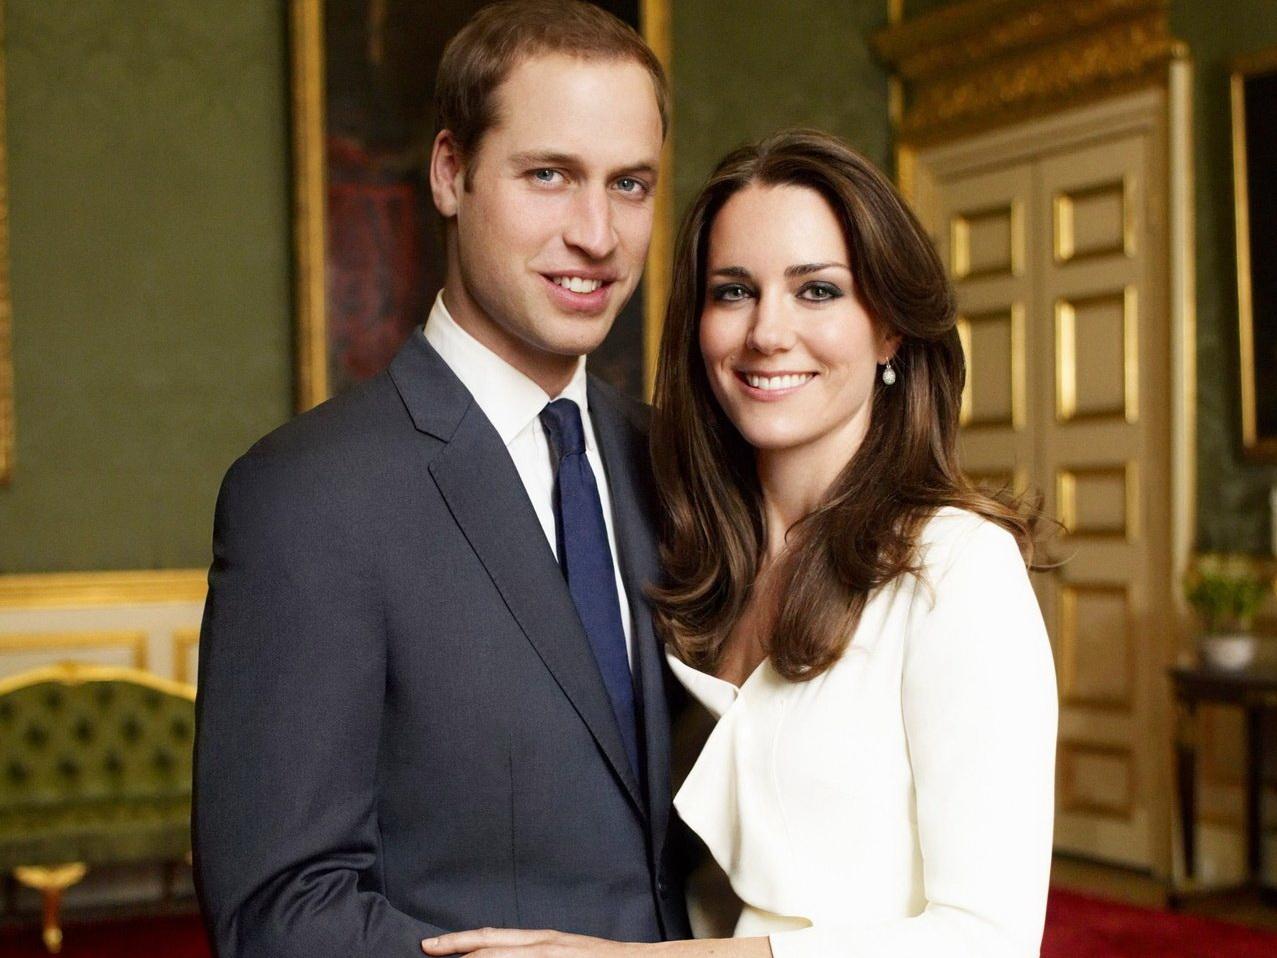 Принц Уильям и Кейт Миддлтон в третий раз стали родителями - ОБНОВЛЕНО